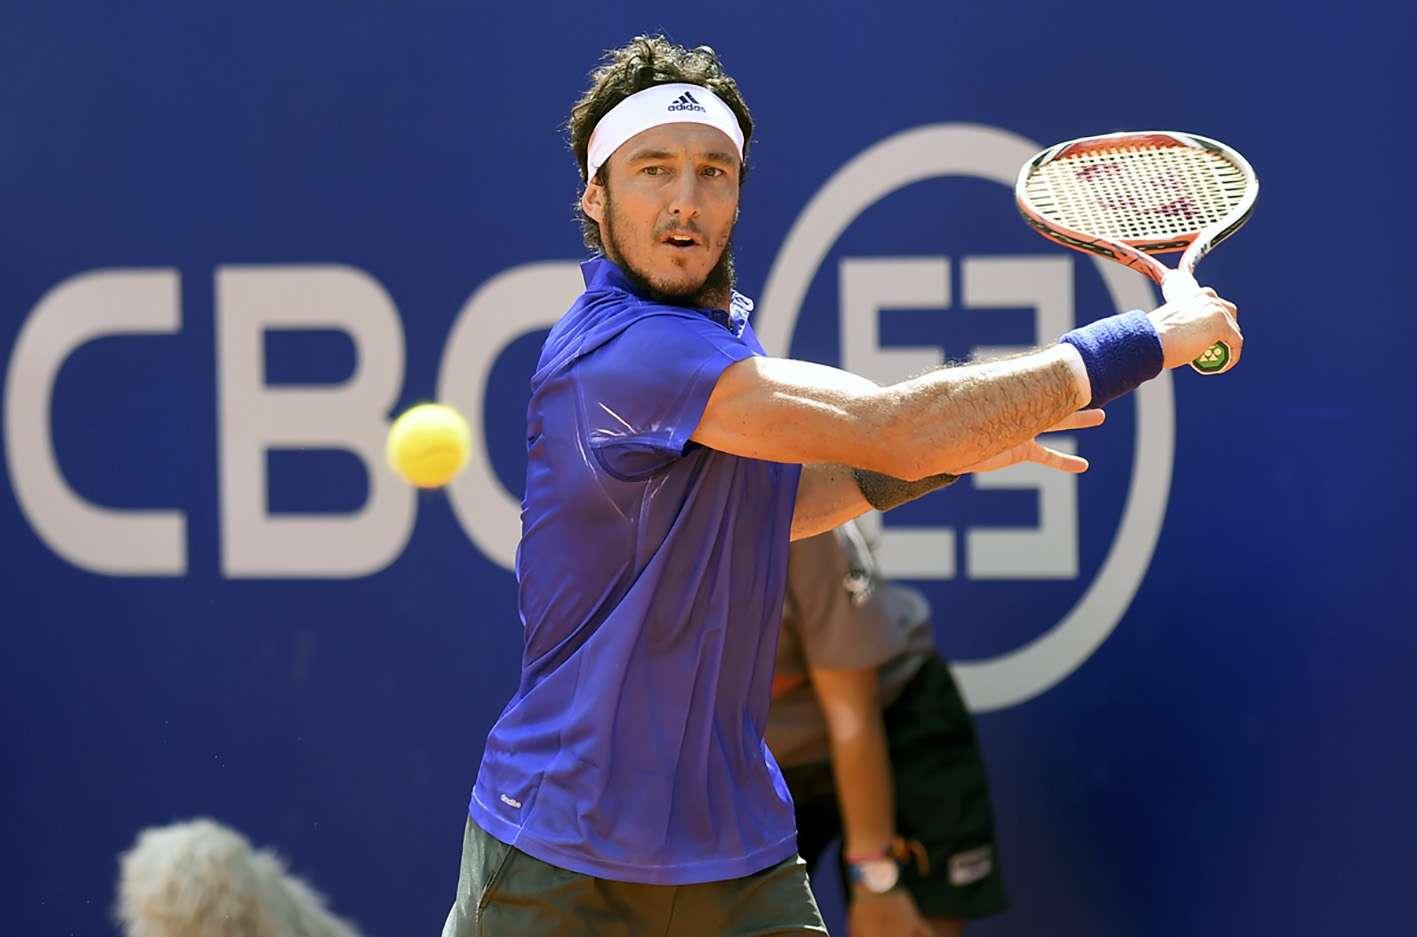 Mónaco avanzó al partido decisivo al superar en semifinales al español Nicolás Almagro por 6-3, 6-7 (6-8) y 6-4 al cabo de dos horas y 28 minutos en el Lawn Tennis Club de Buenos Aires. Foto: NA